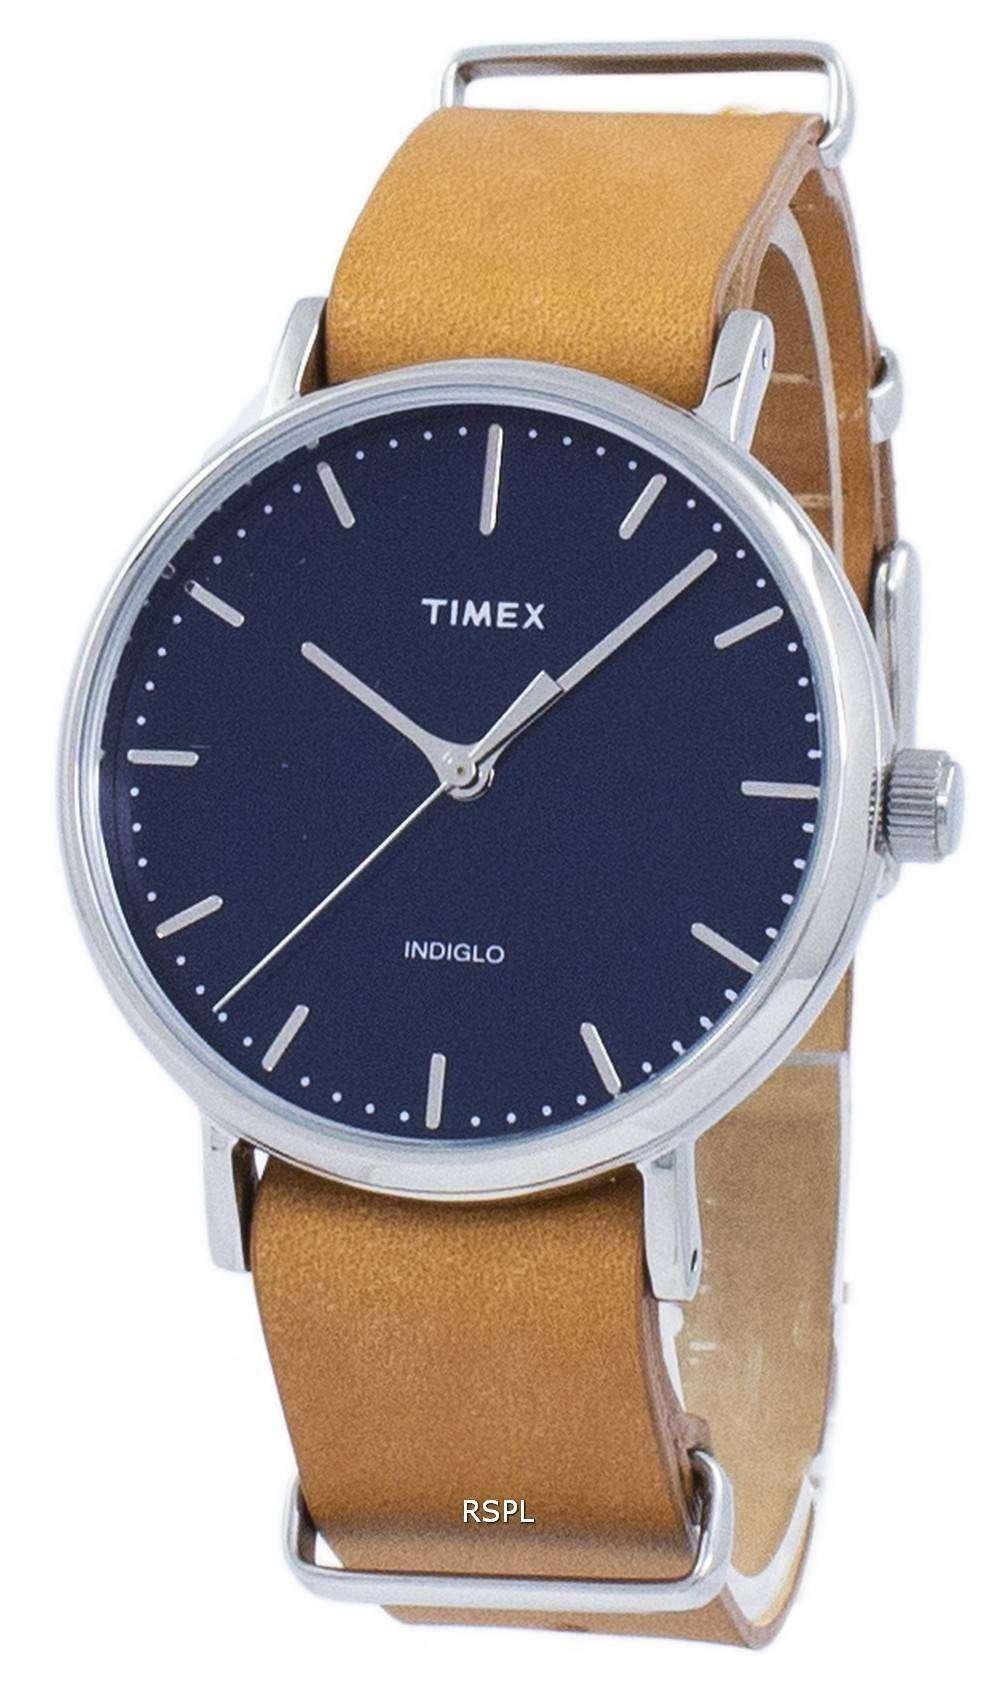 タイメックス ウィークエンダー フェア フィールド Indiglo 石英 TW2P98300 レディース腕時計